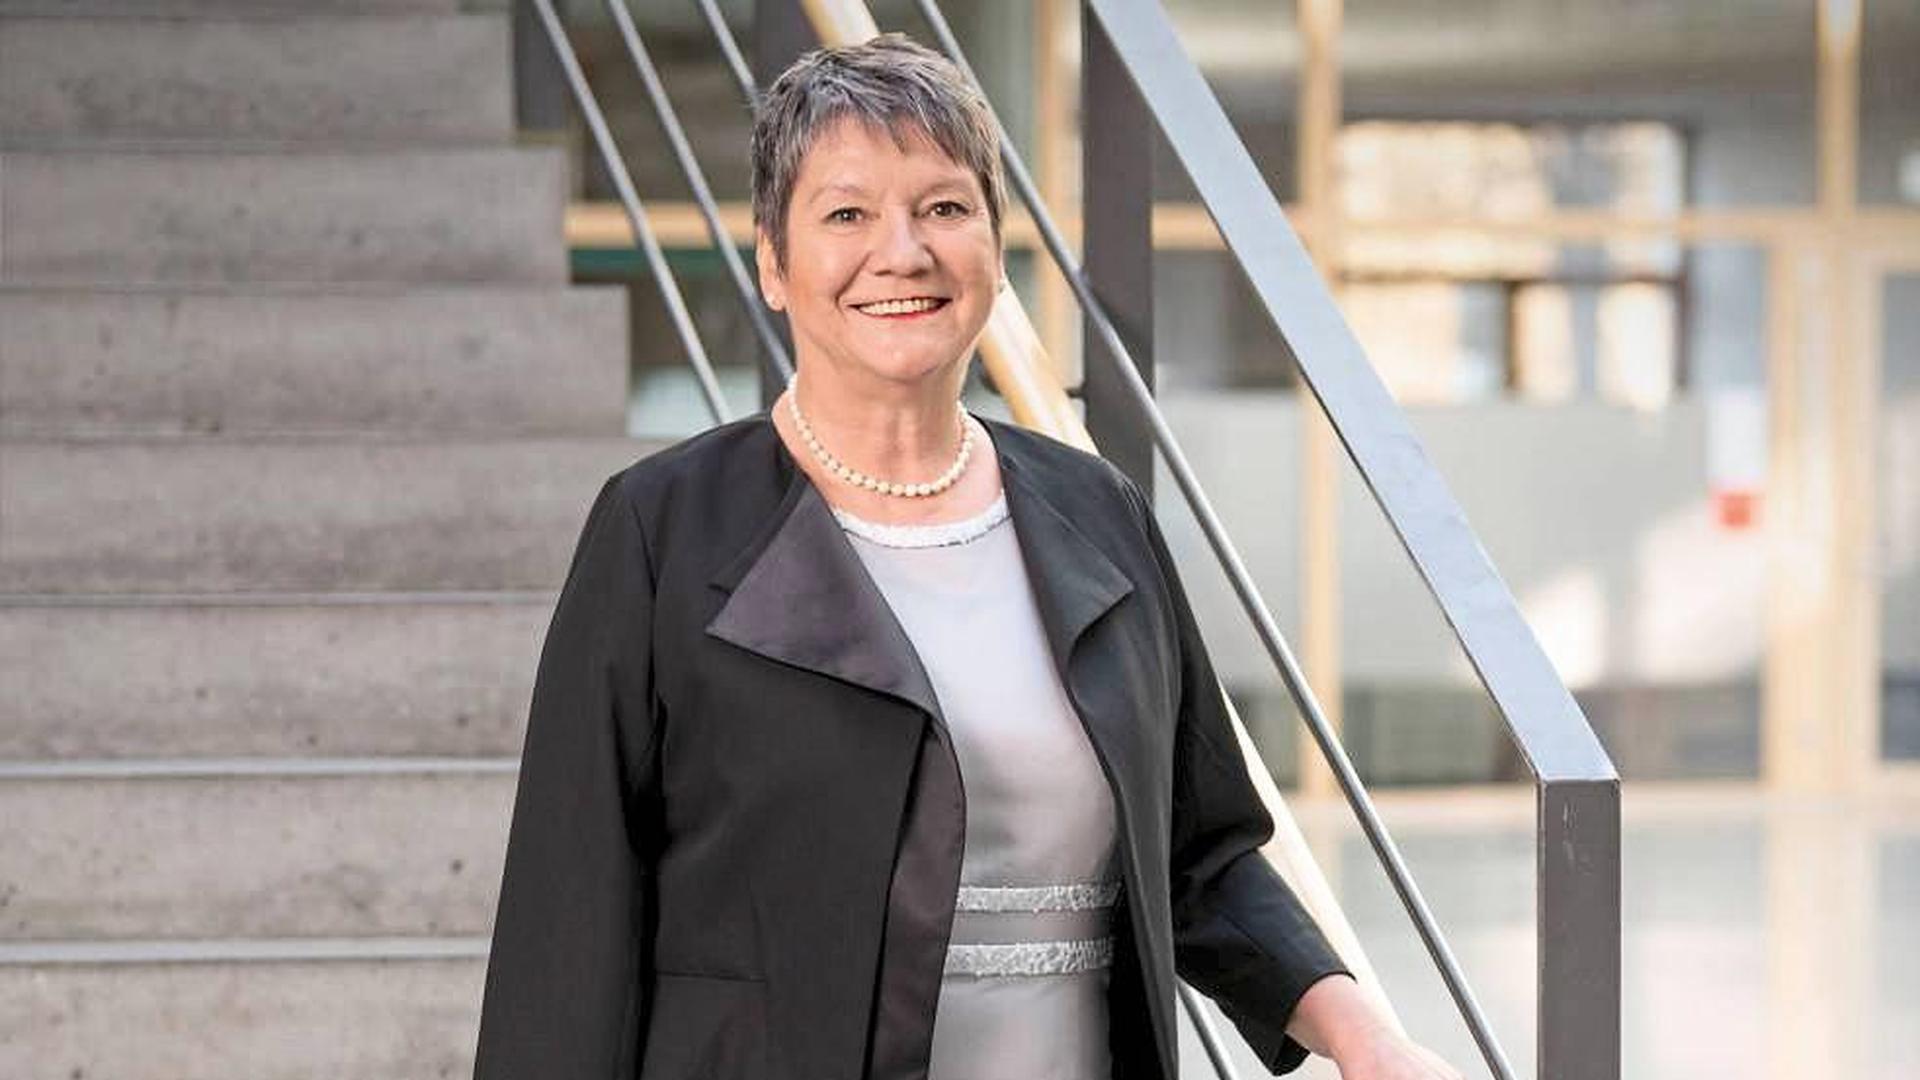 Viel zu tun in der Krise: Elvira Menzer-Haasis, Präsidentin des Landessportverbandes Baden-Württemberg, kämpft auf politischer Ebene für die Sportvereine.